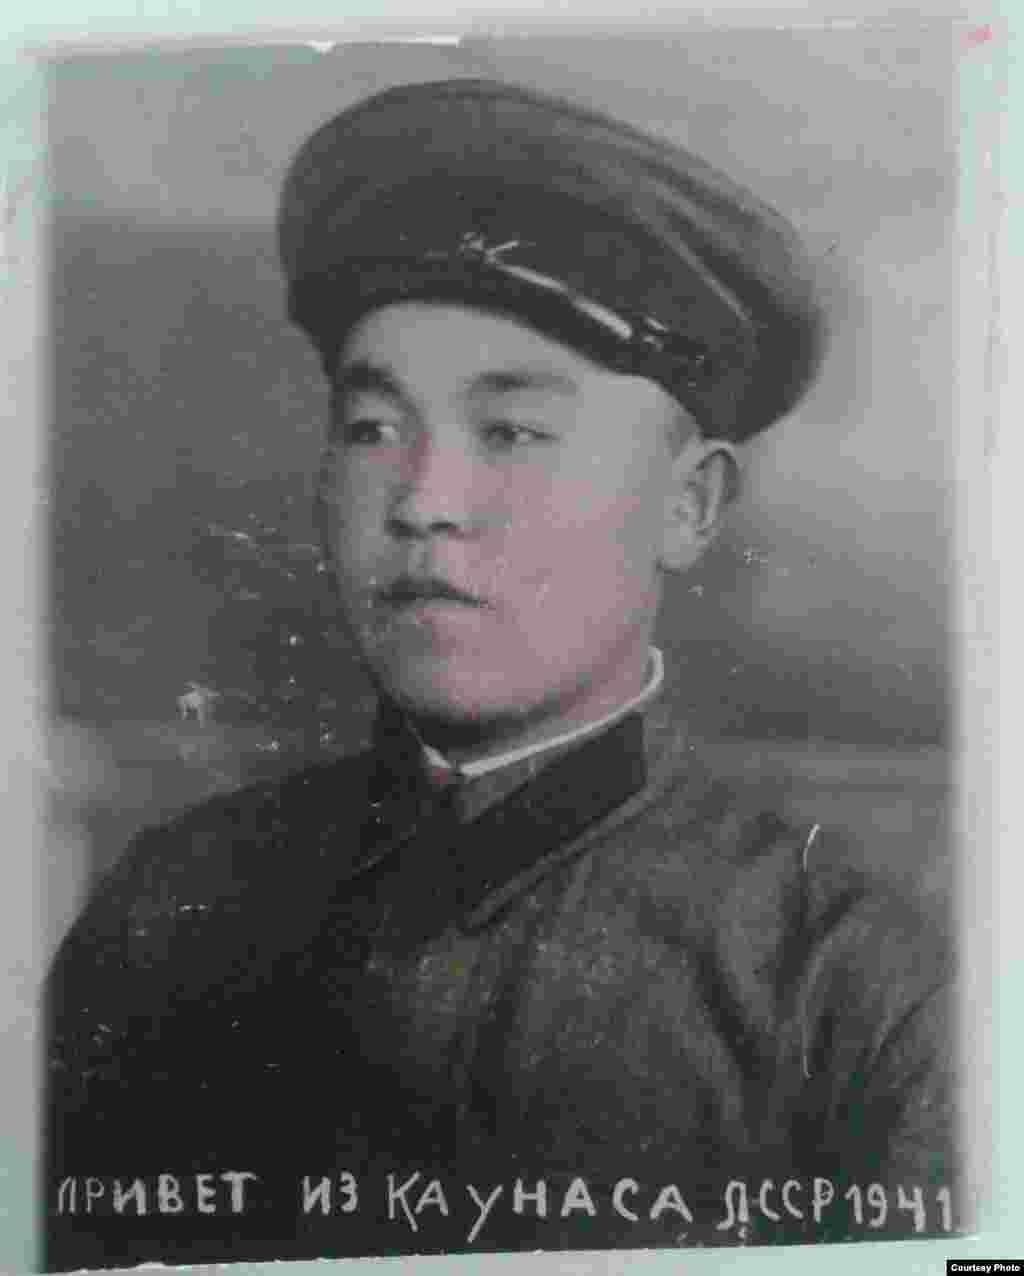 Дыйкан Баймамбетов родился 12 декабря 1920 года в селе Каджи-Сай Тонского района. Он воевал с 1941 до 1945 года. Служил на 1-Прибалтийском фронте, был связистом в 142-Стрелковом полку и был комнадиром отделения.